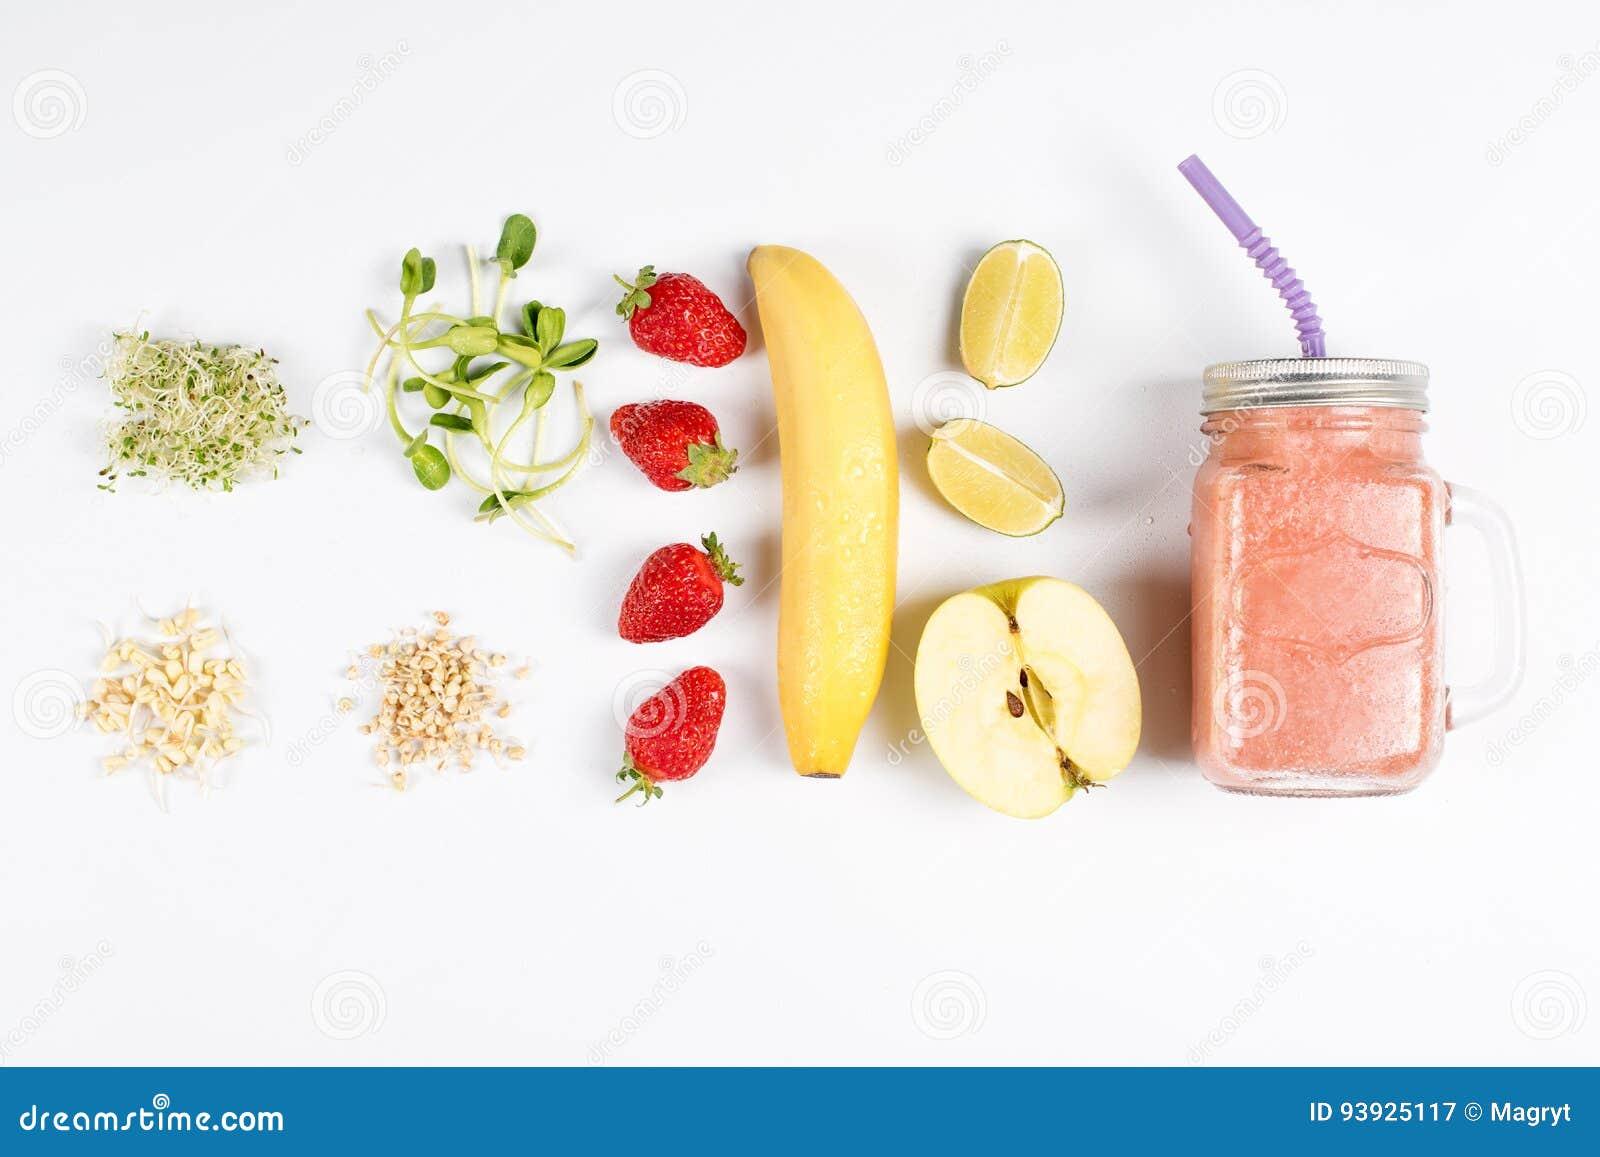 frullato per disintossicare il corpo e perdere peso